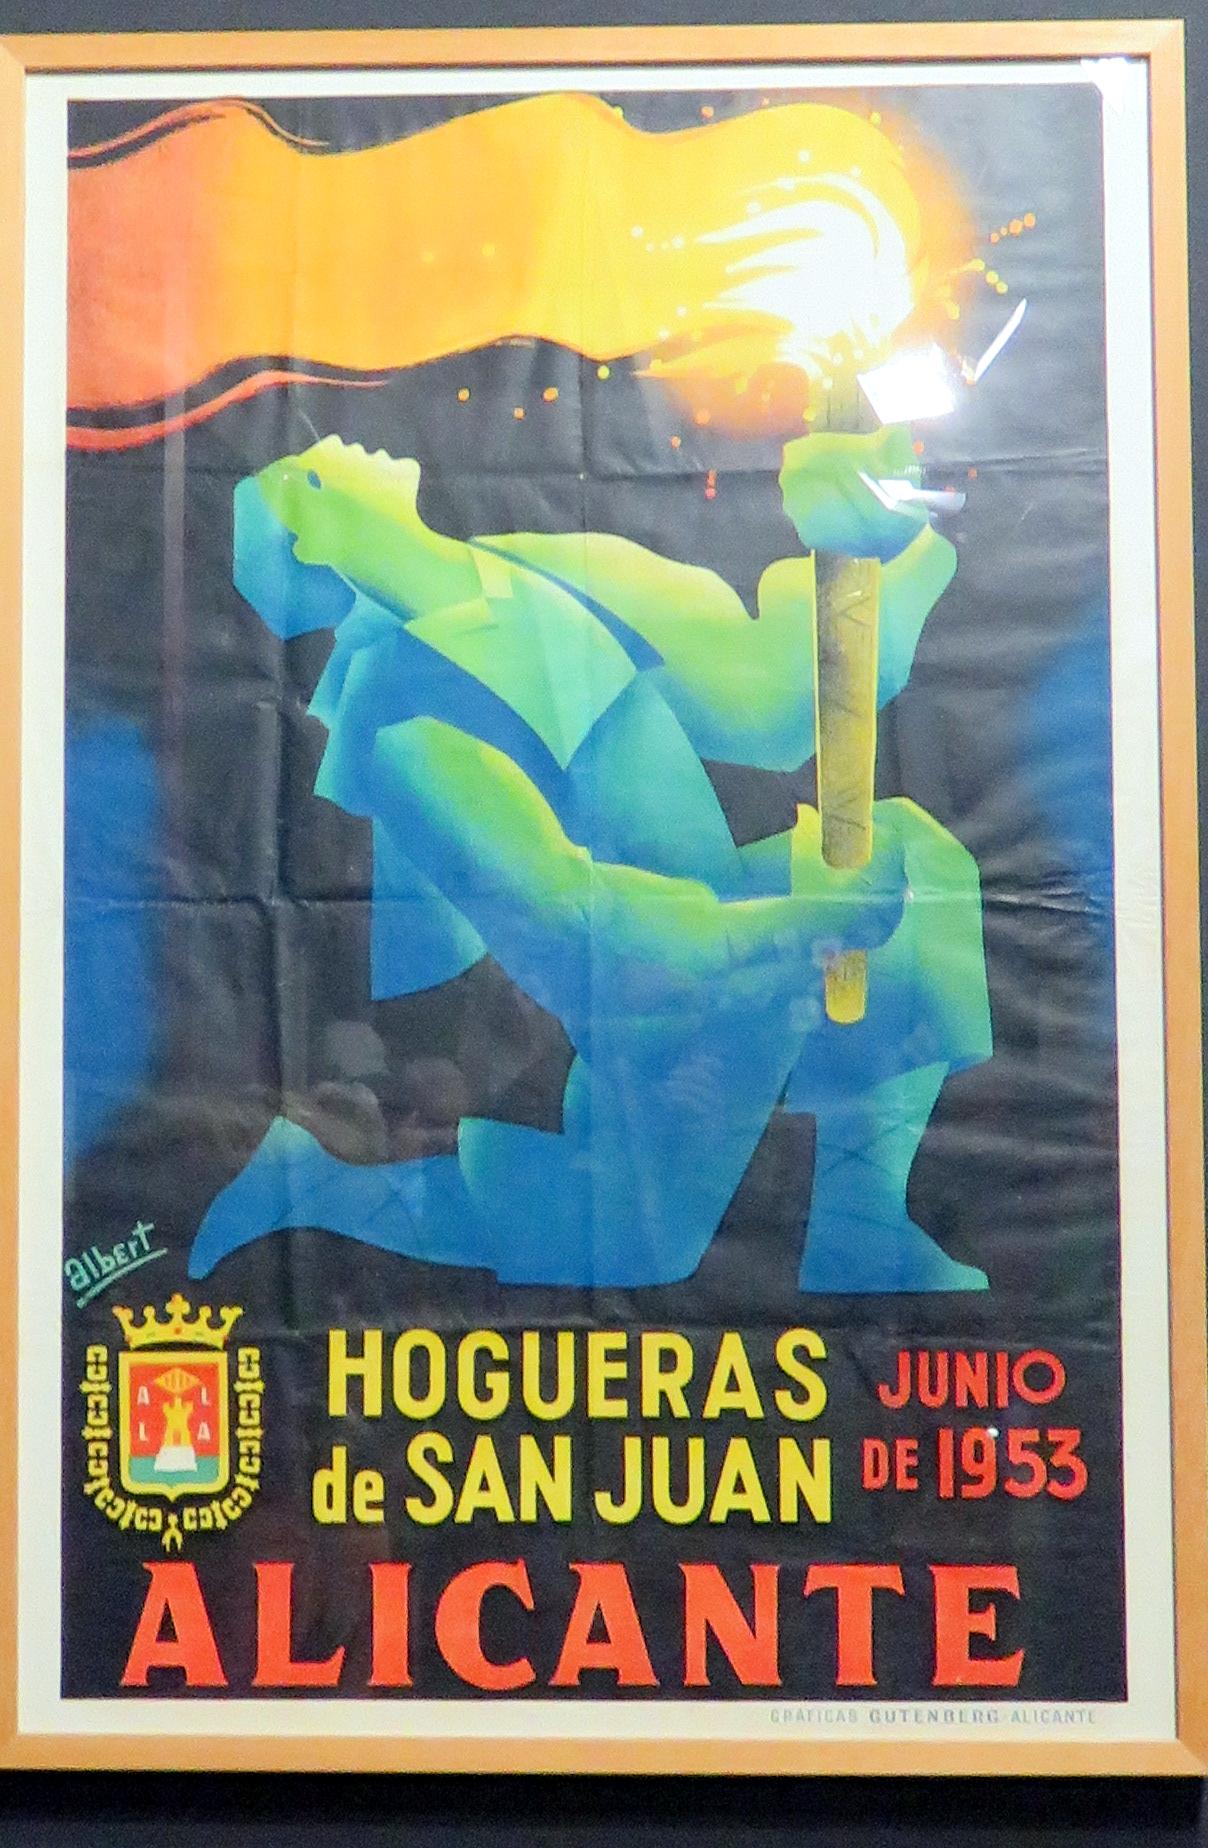 El cartel de 1953